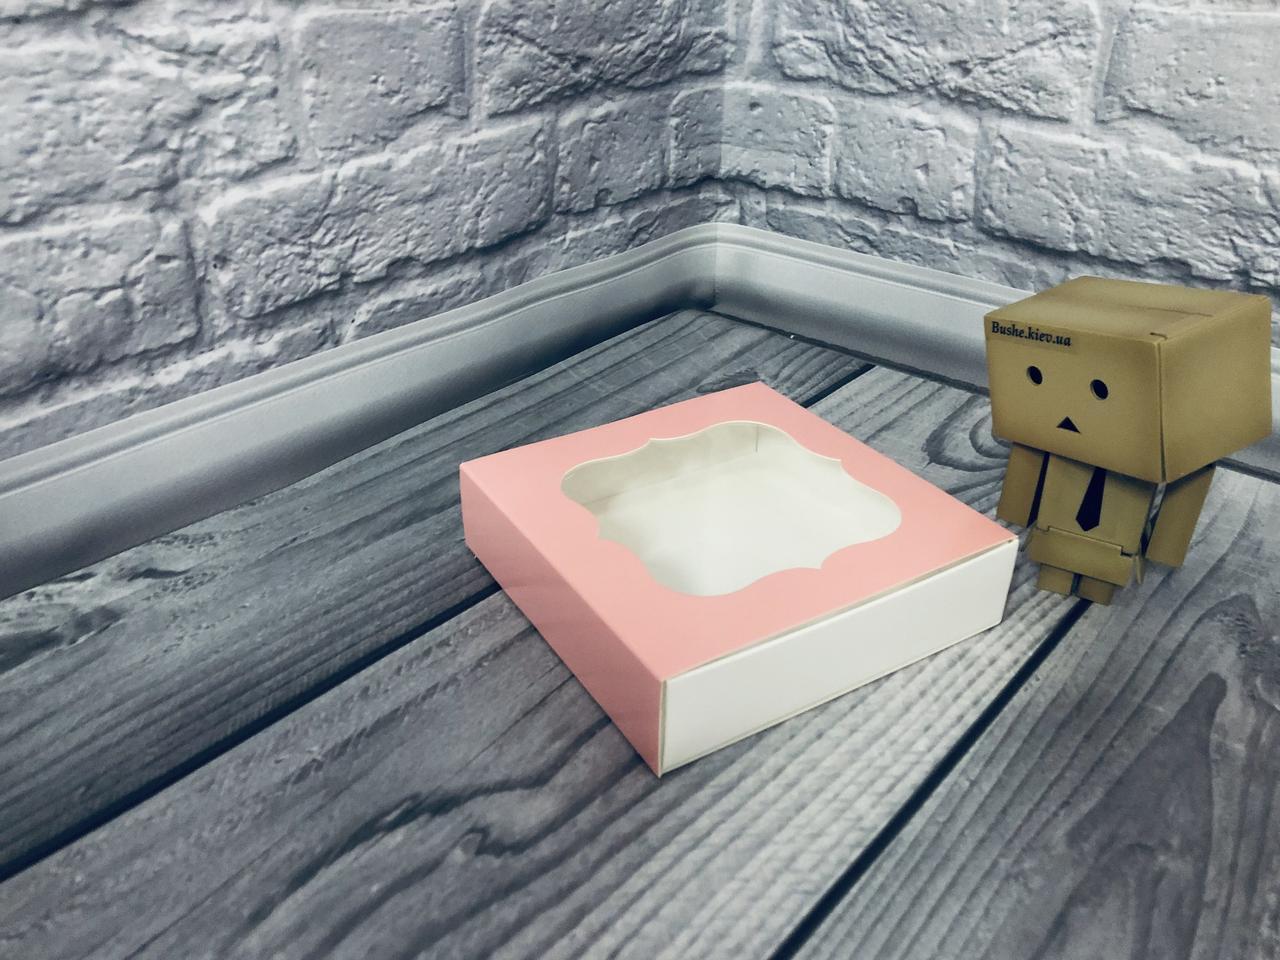 *50 шт* / Коробка для пряников / 120х120х30 мм / печать-Пудр / окно-обычн / лк